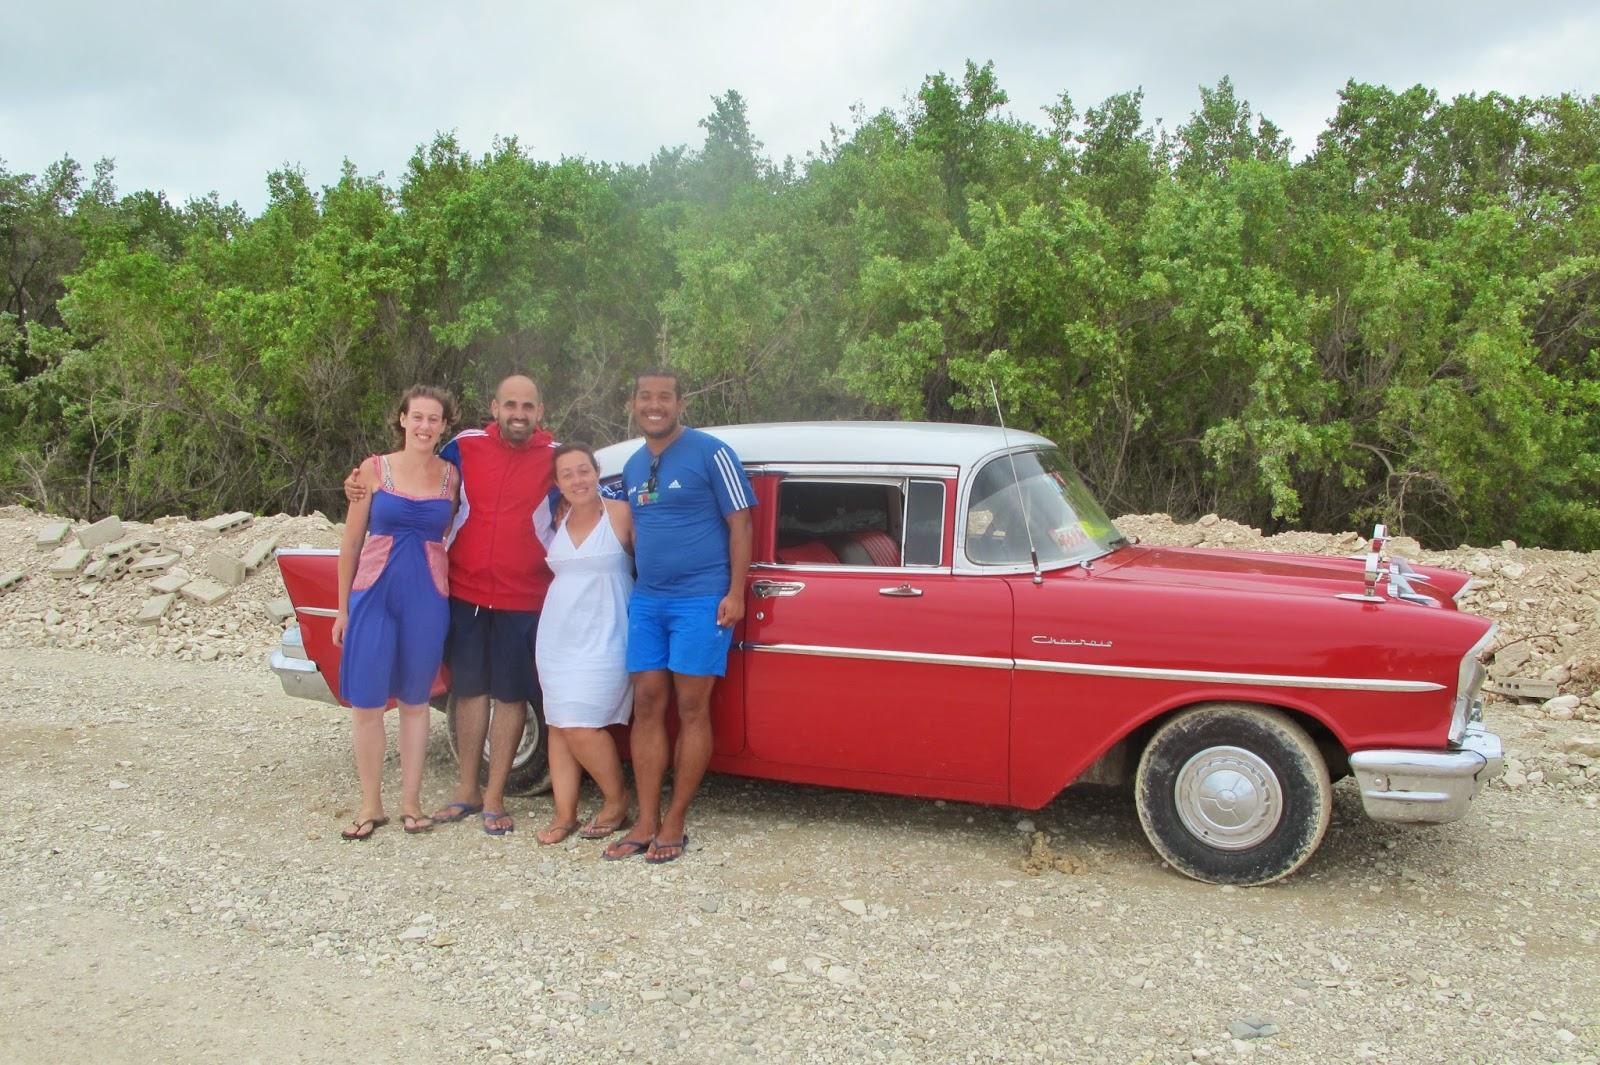 Cayo de las Brujas, no Cayo Santa Maria, em Cuba.